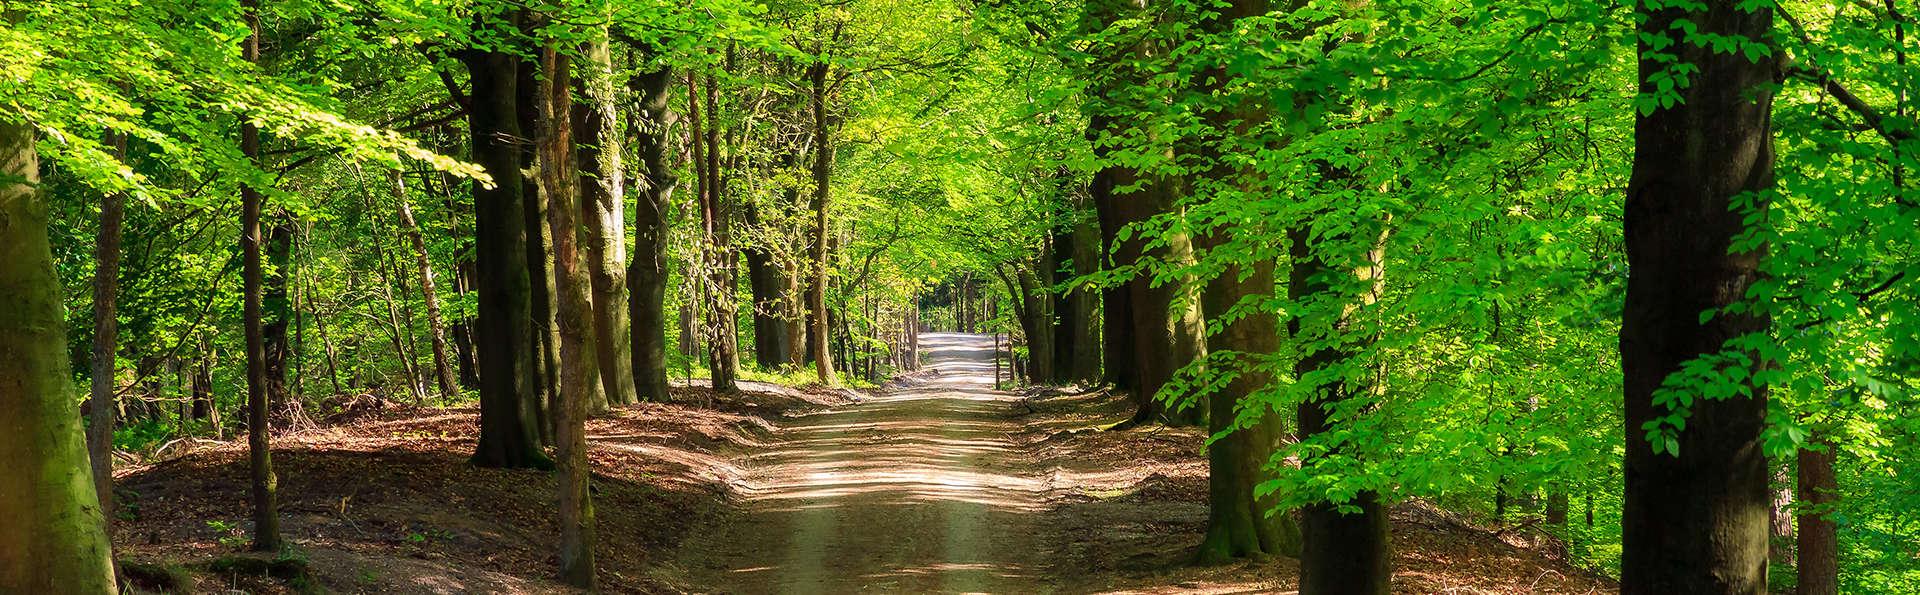 Profitez d'un week-end à vélo dans la Veluwe (à partir de 2 nuits)